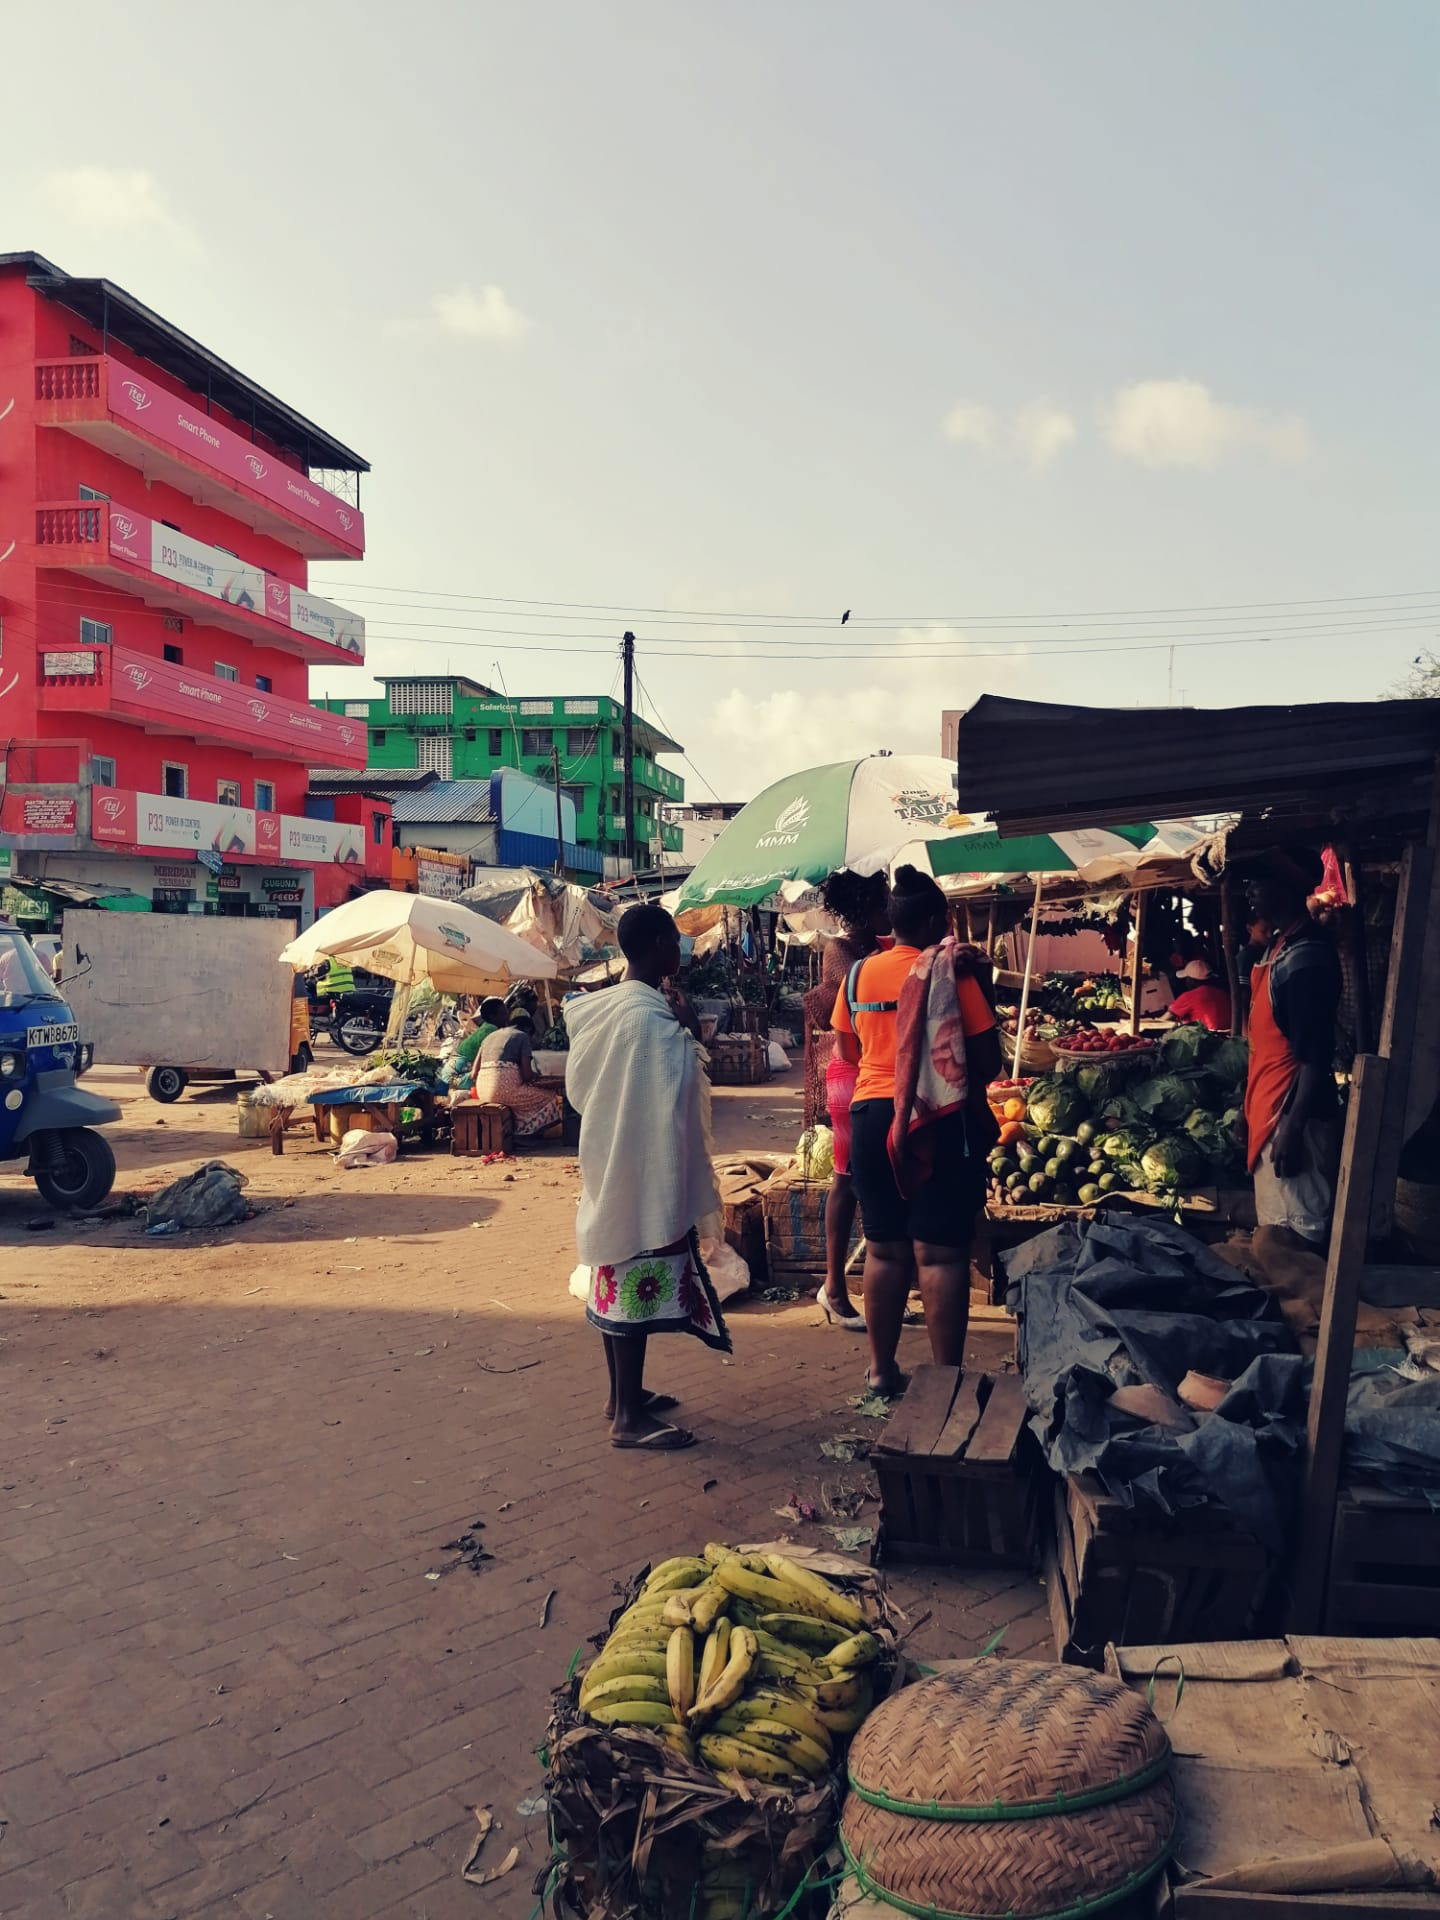 Eine neue Umgebung für Nadine (Bild: waytoafrica.ch)